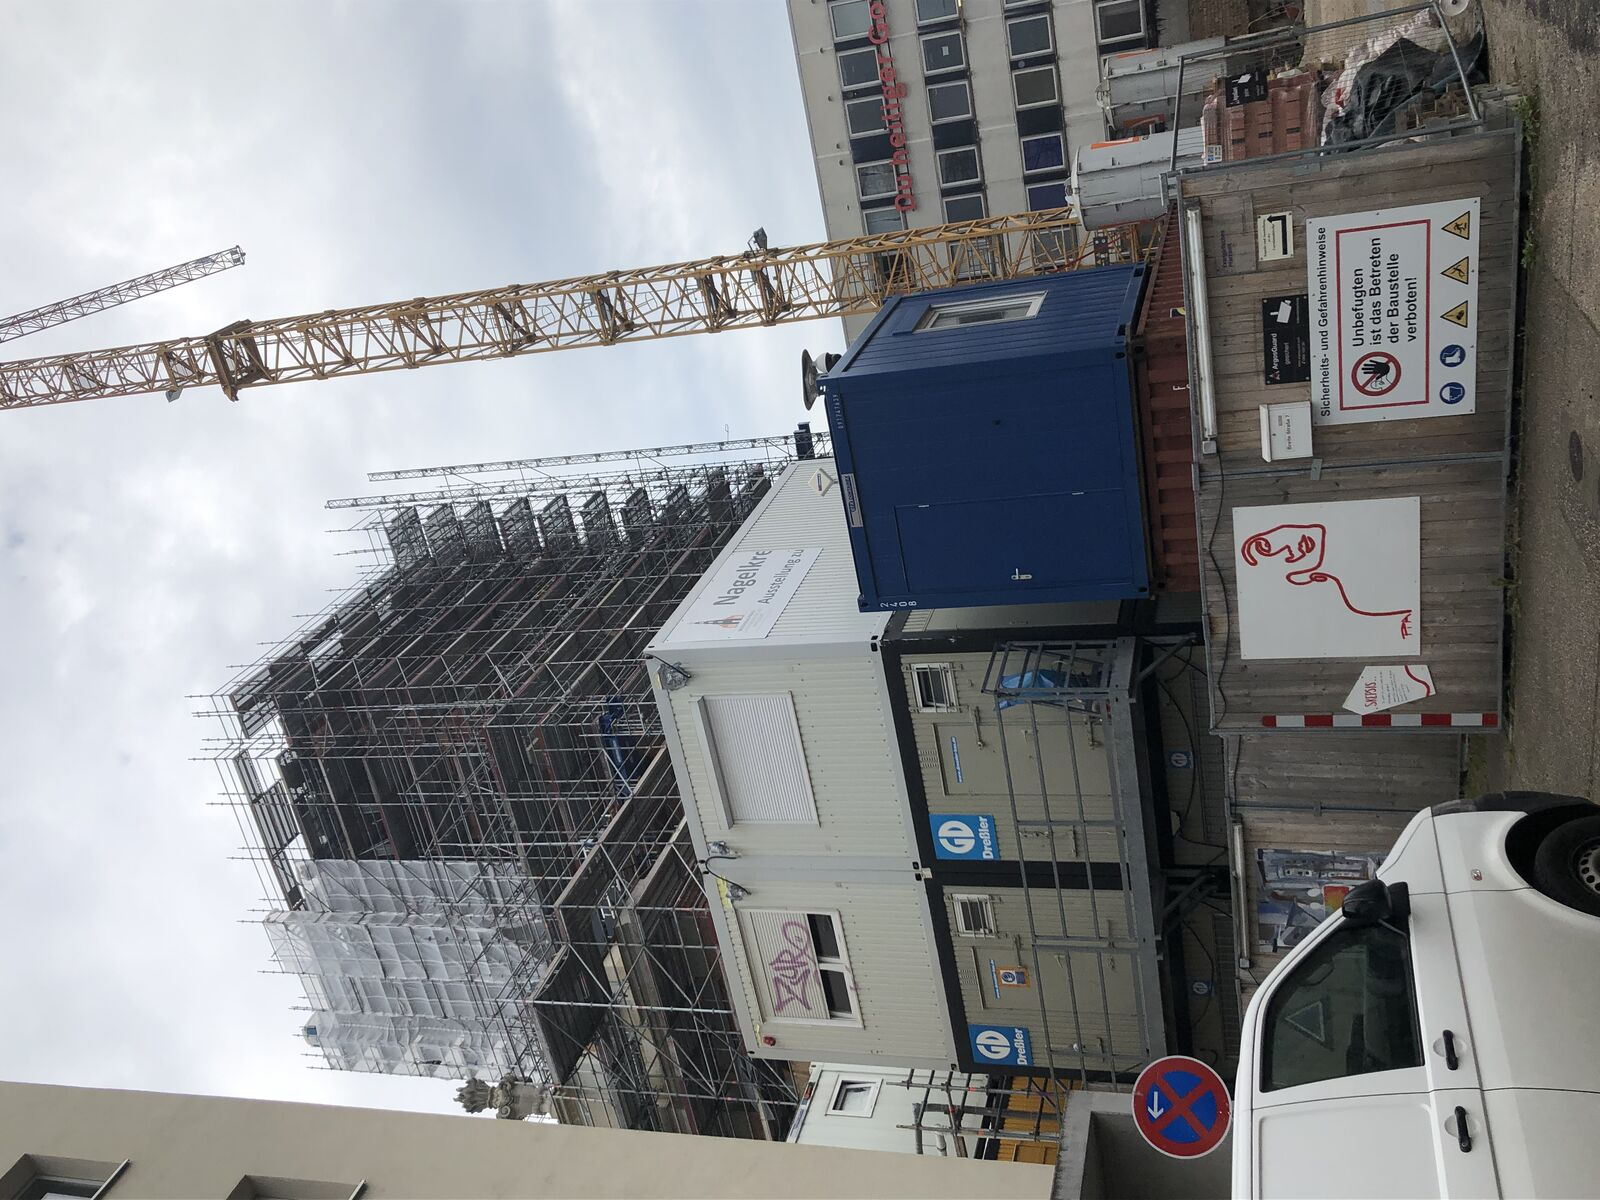 Garnisonkirche 2021: Turm im Werden